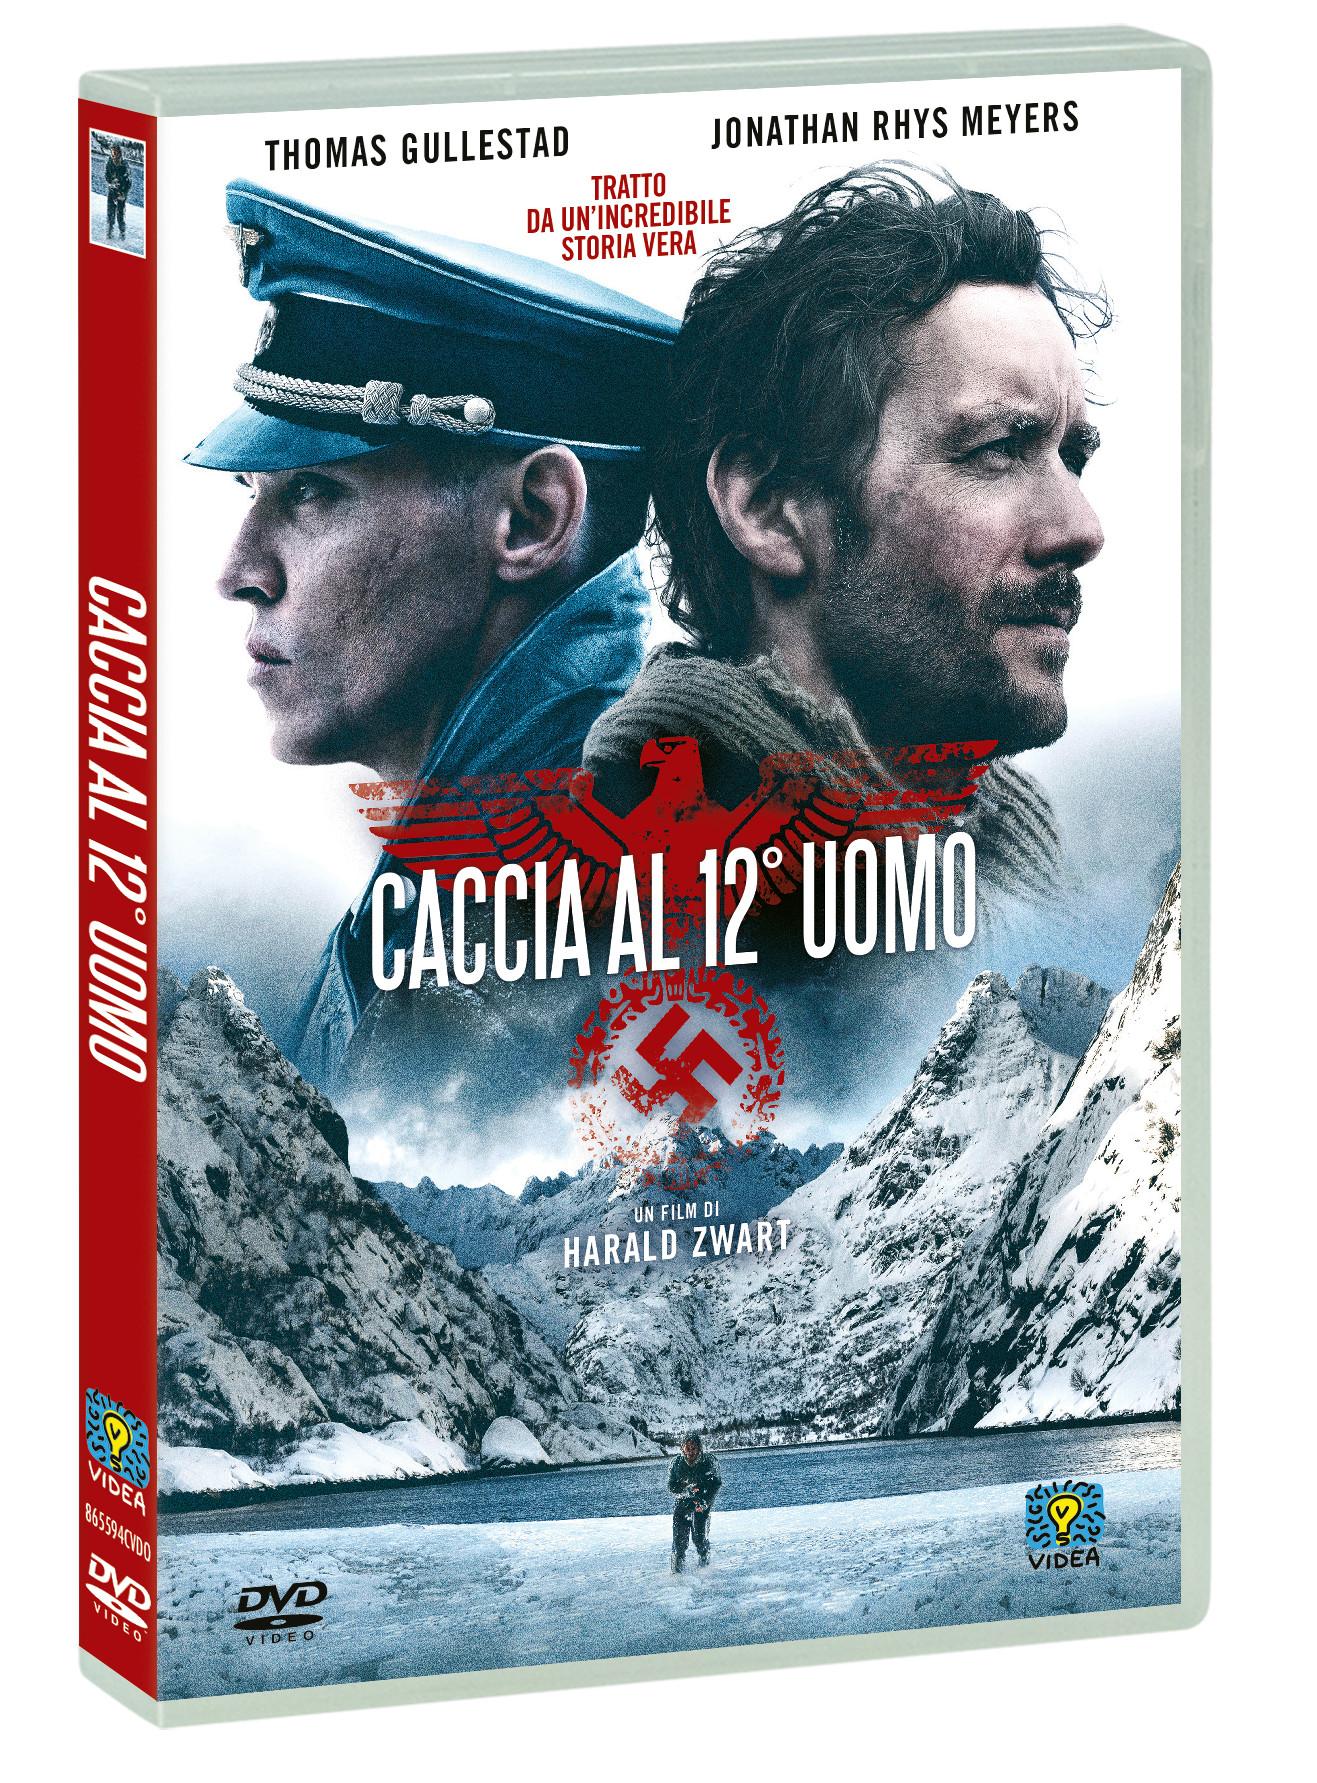 CACCIA AL 12 UOMO (DVD)